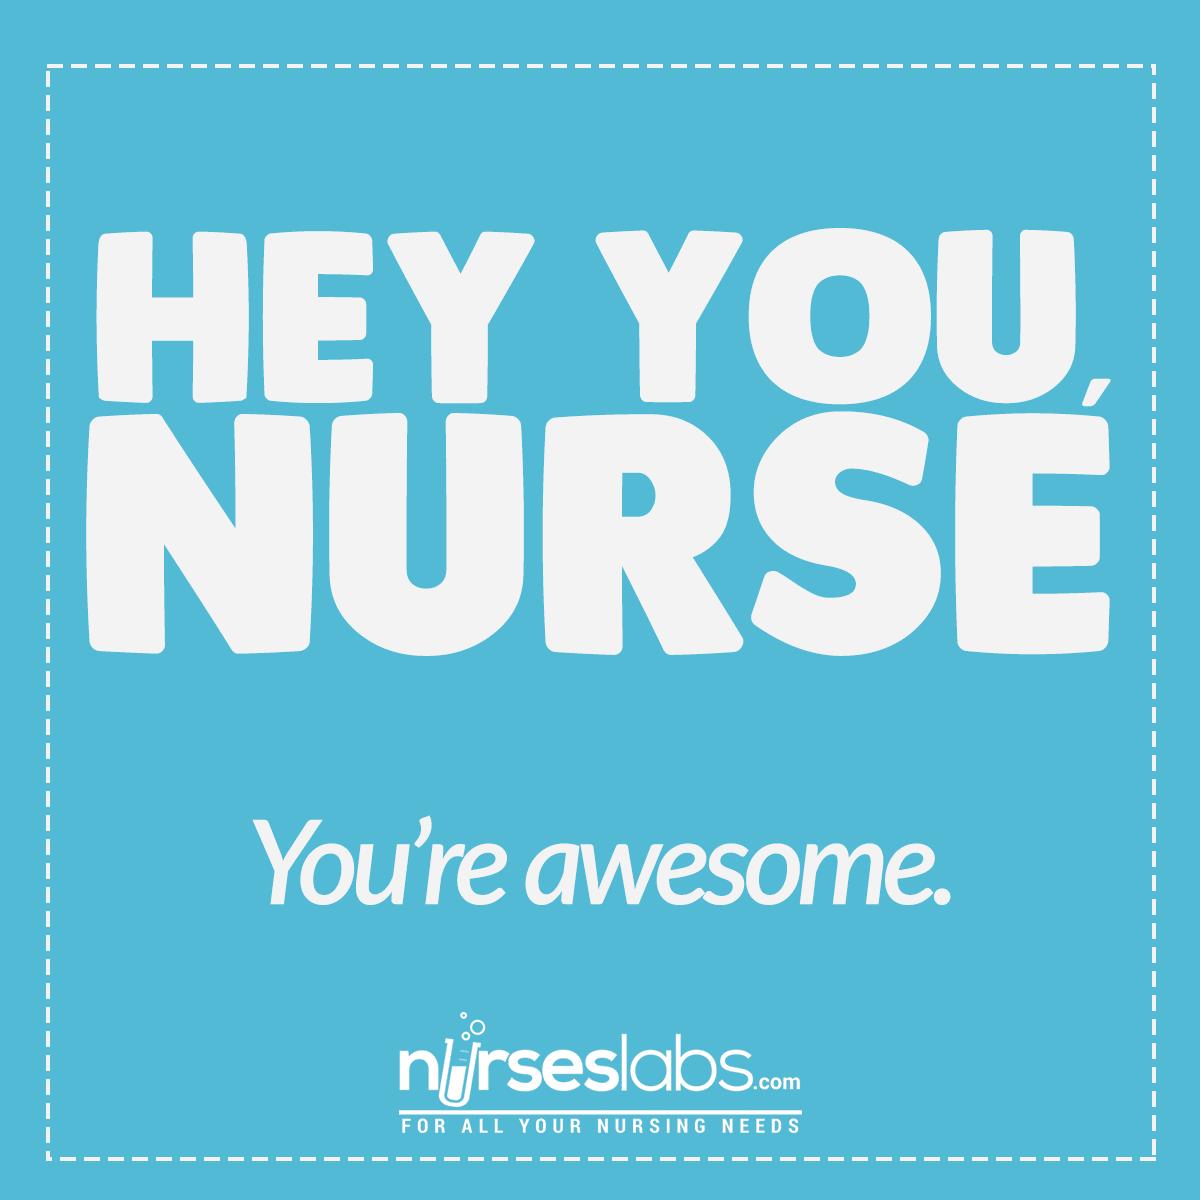 Hey you, nurse. You're awesome!